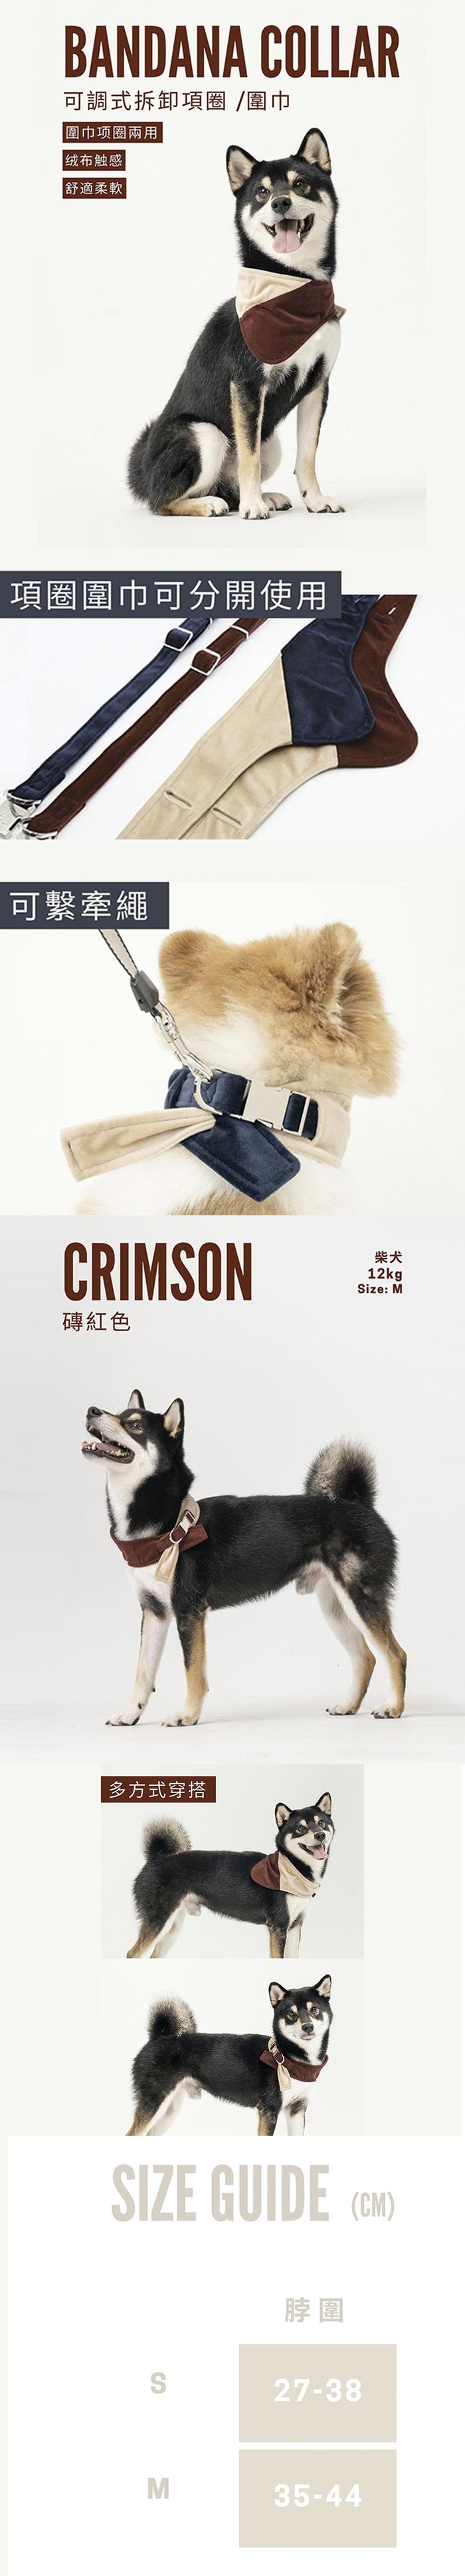 PEHOM|項圈式領巾-褐藍/褐紅